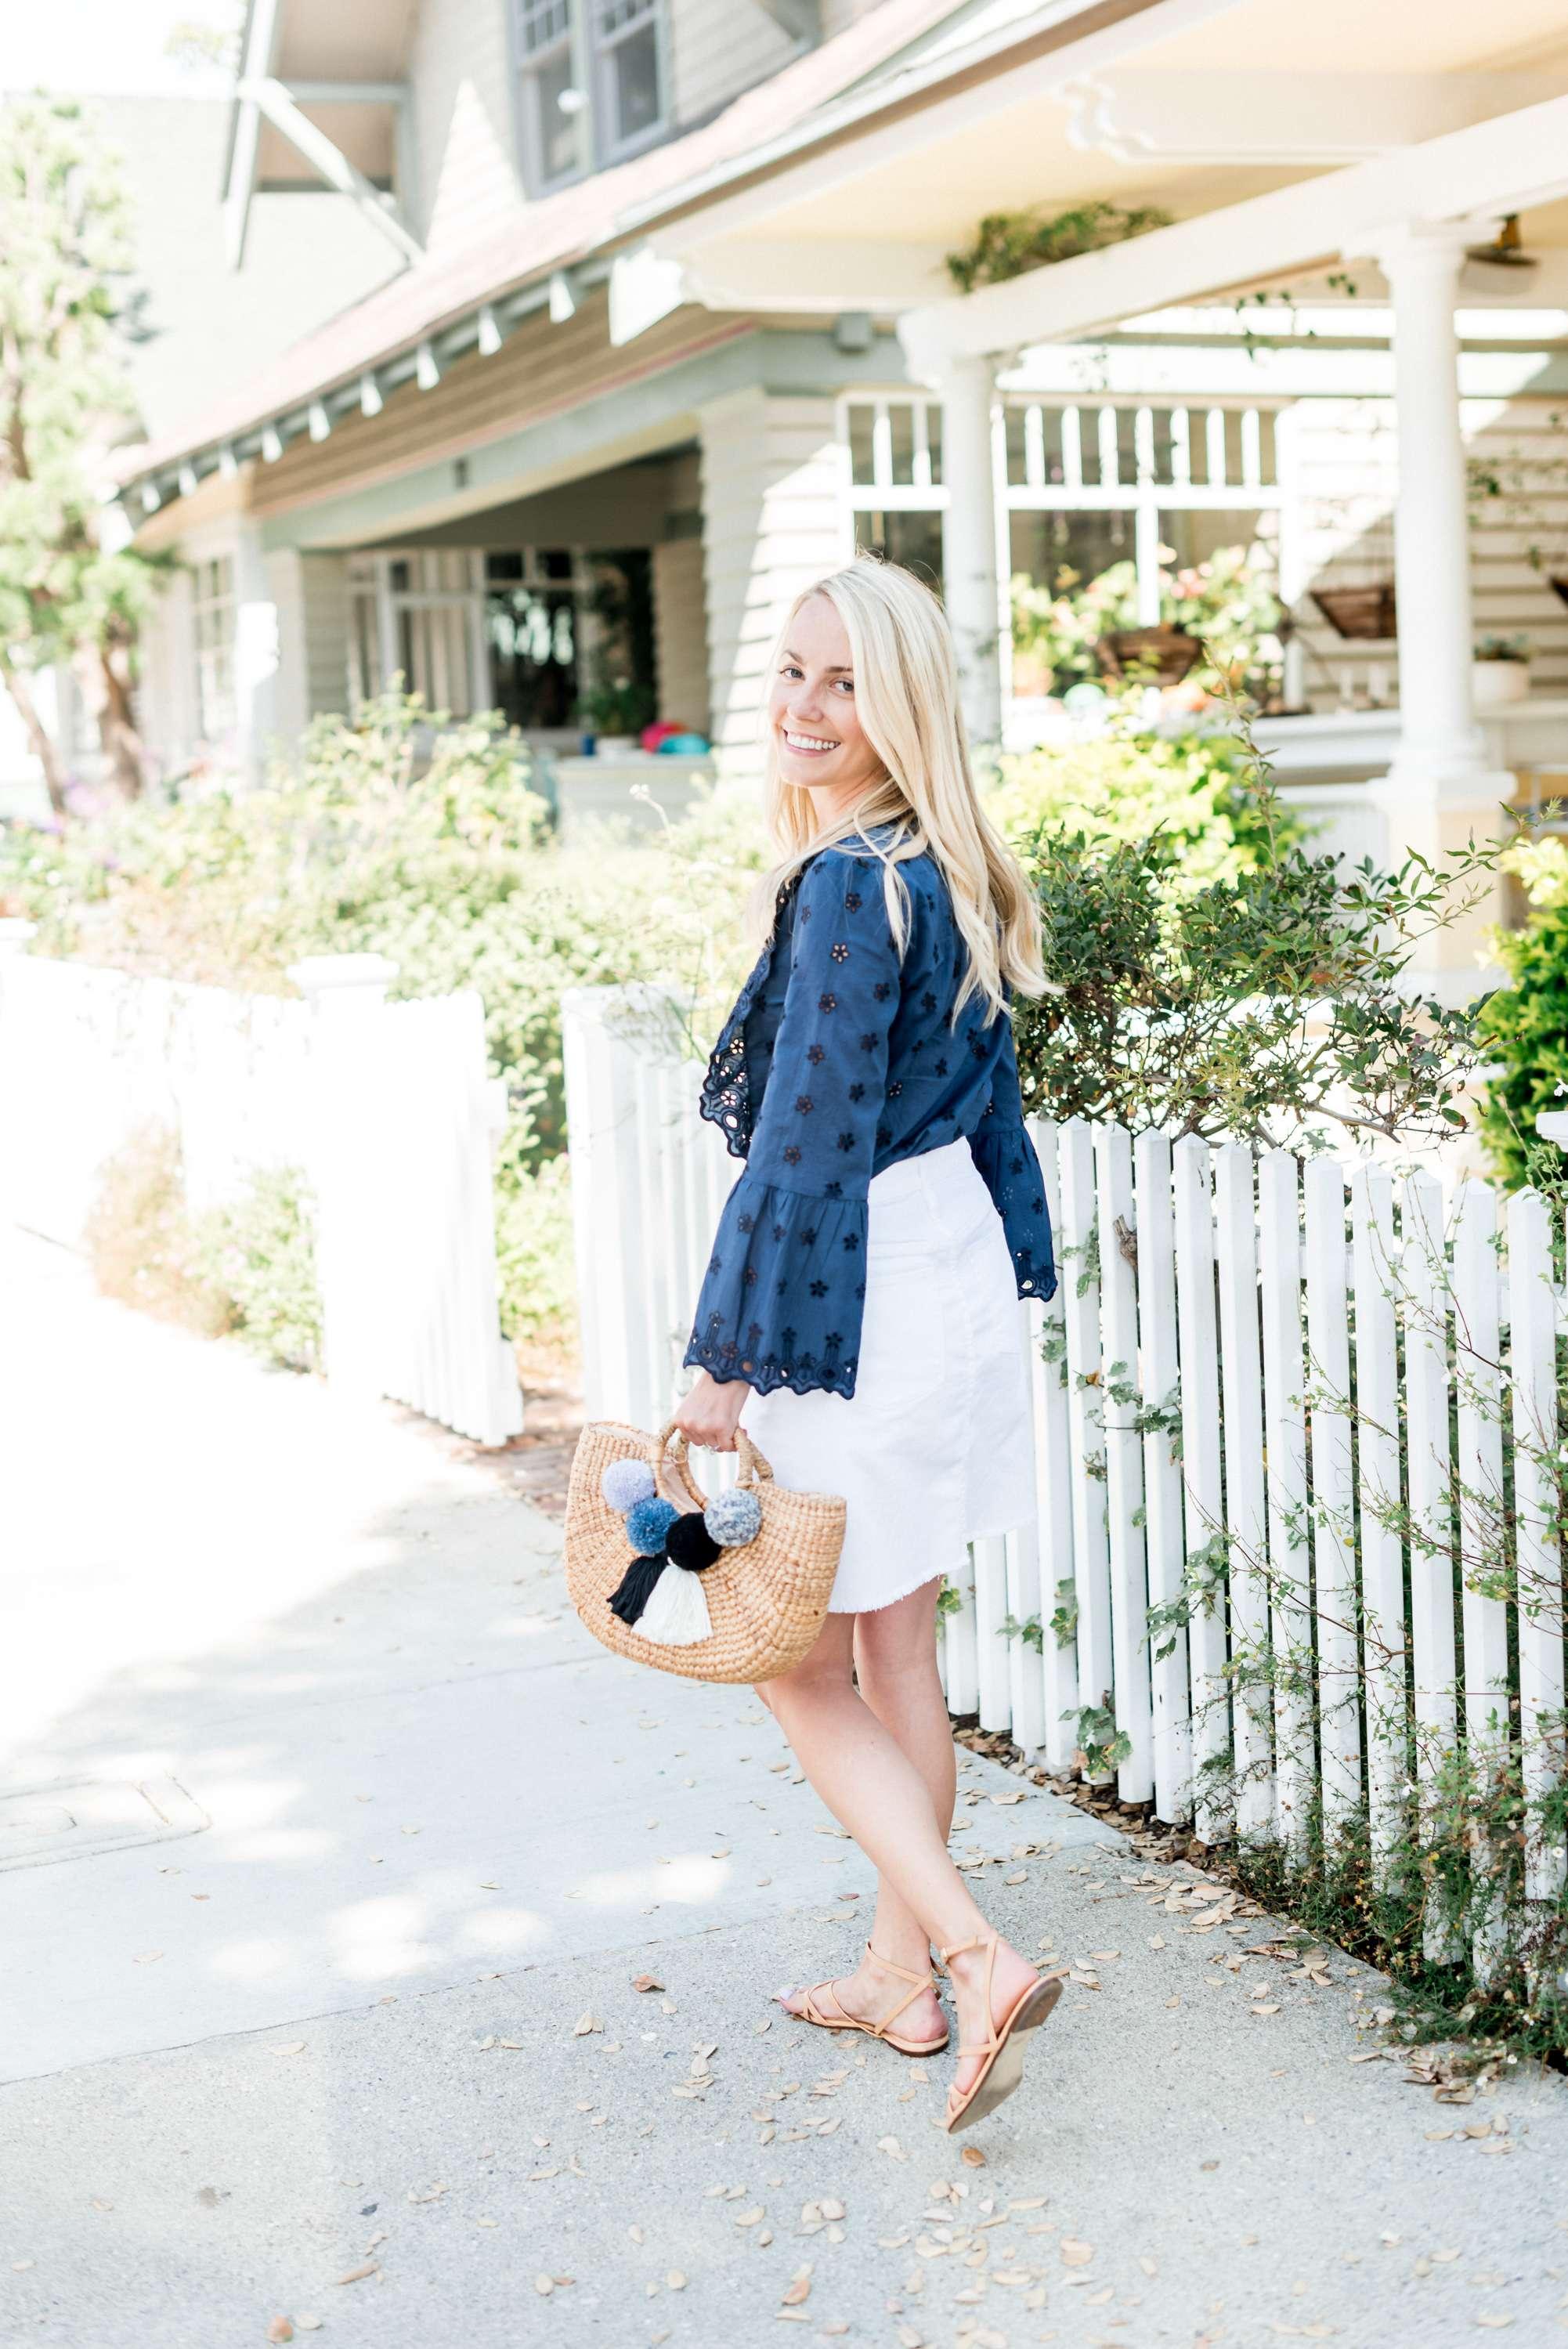 Navy Eyelet Top and White Denim Skirt in Santa Monica